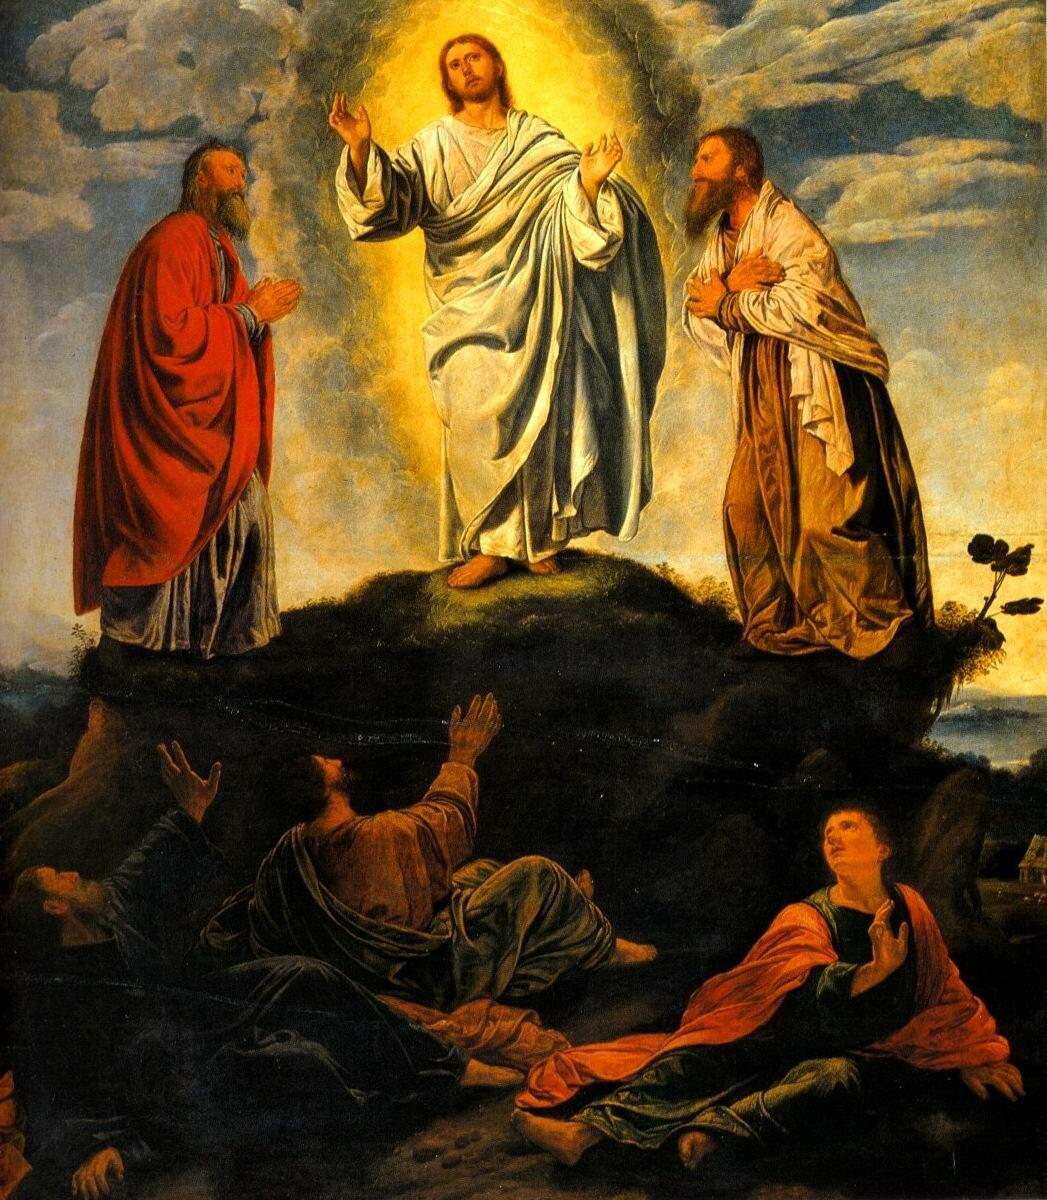 фото иисус создал радугу одна